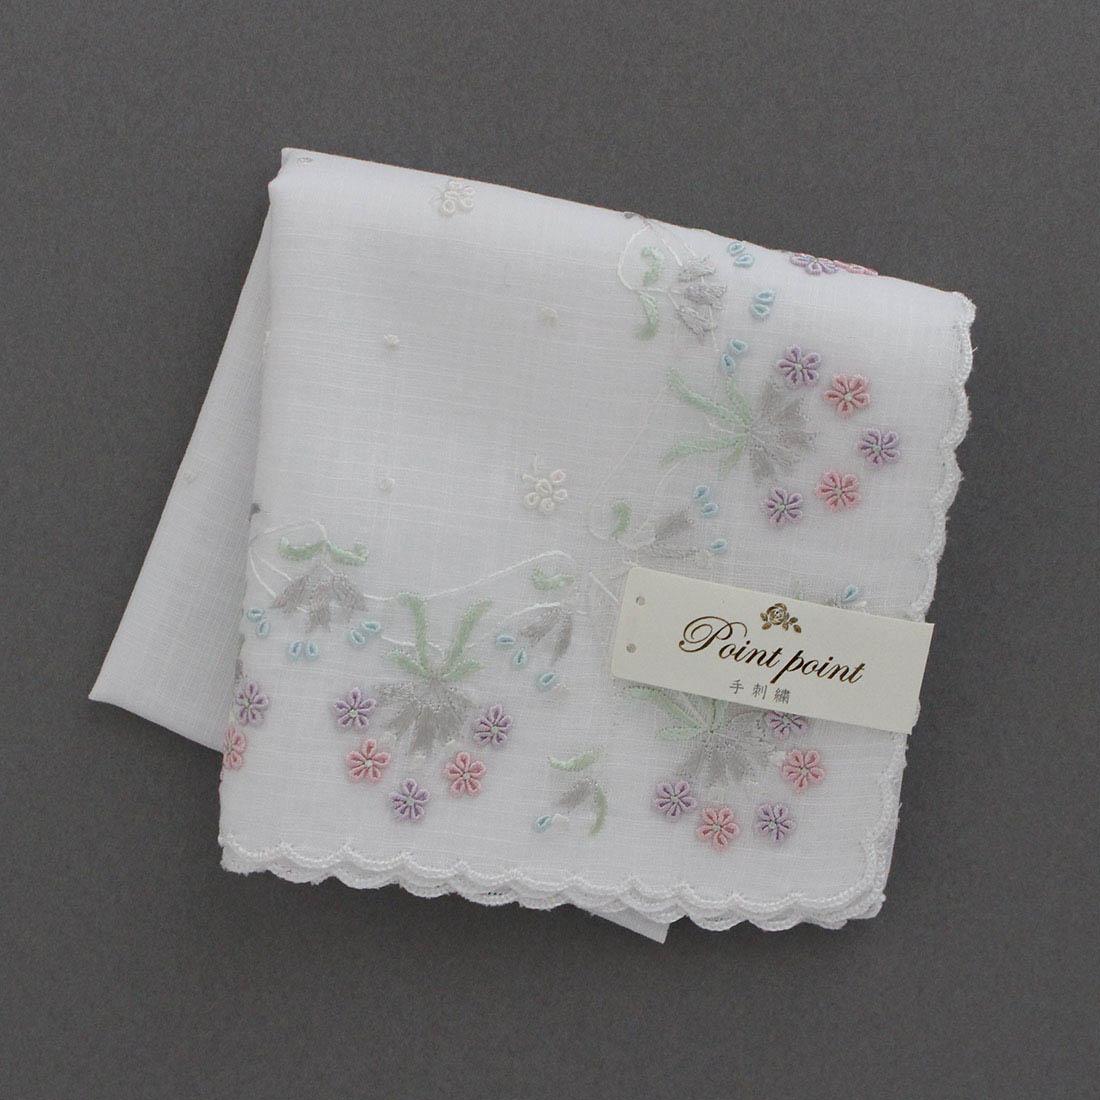 【送料無料】ポワンポワン ベトナム手刺繍 ハンカチ 花いっぱい 6212